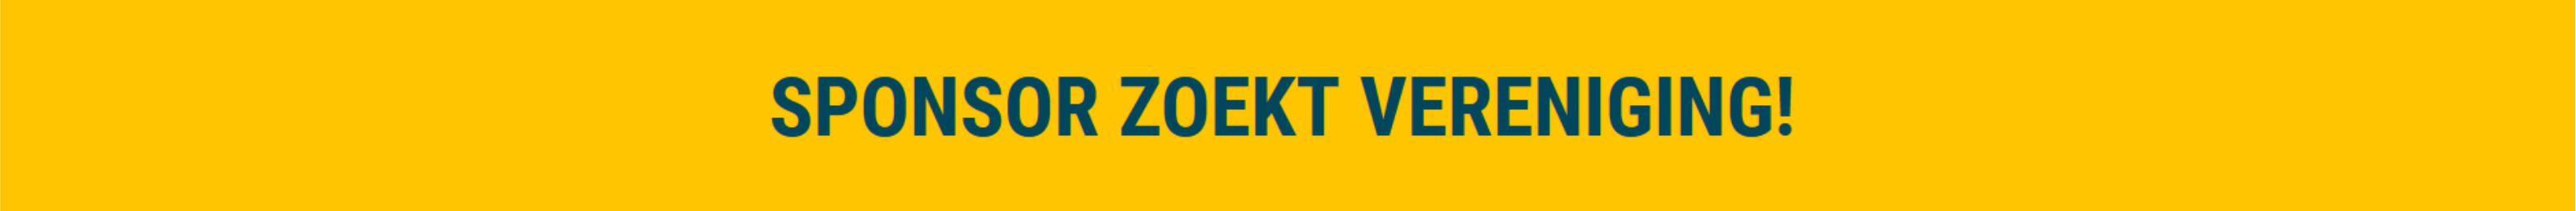 sponsorconcept Sportmaat Teamsport